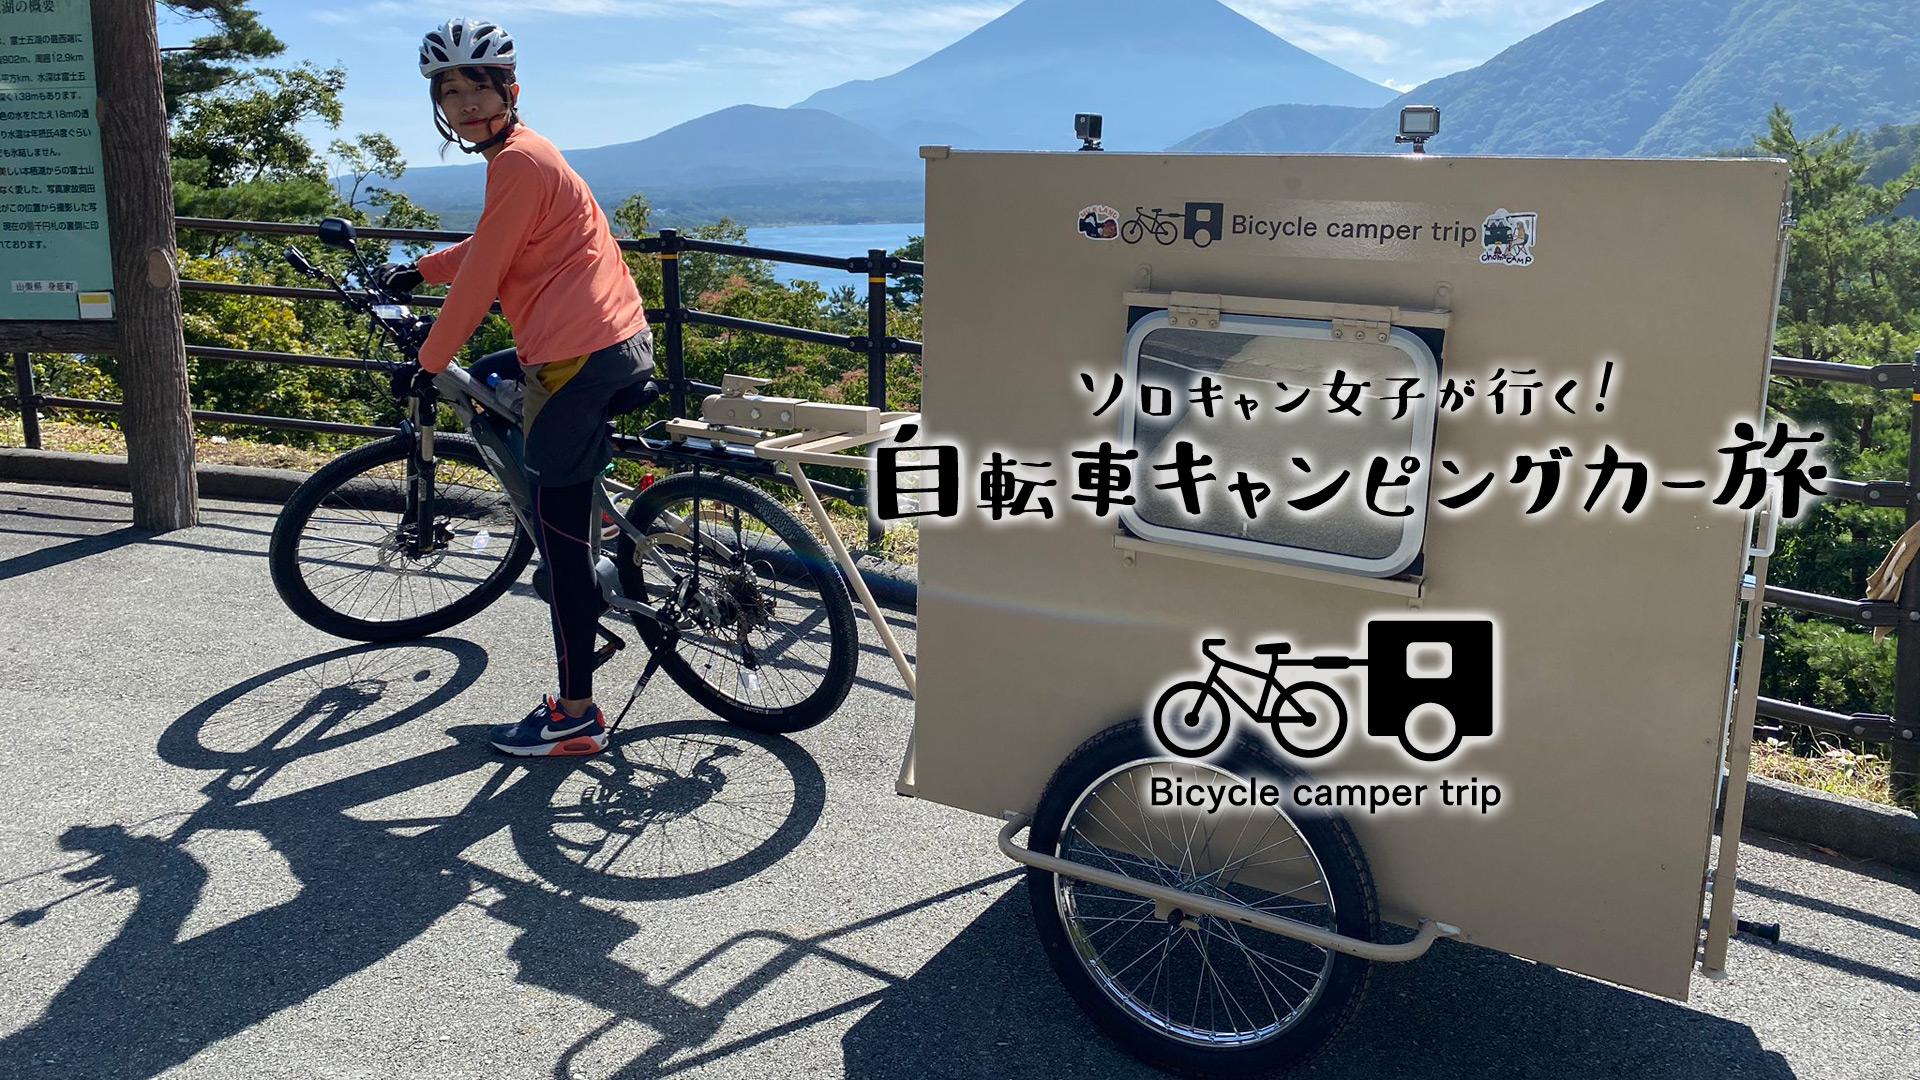 無料テレビでソロキャン女子が行く! 自転車キャンピングカー旅を視聴する